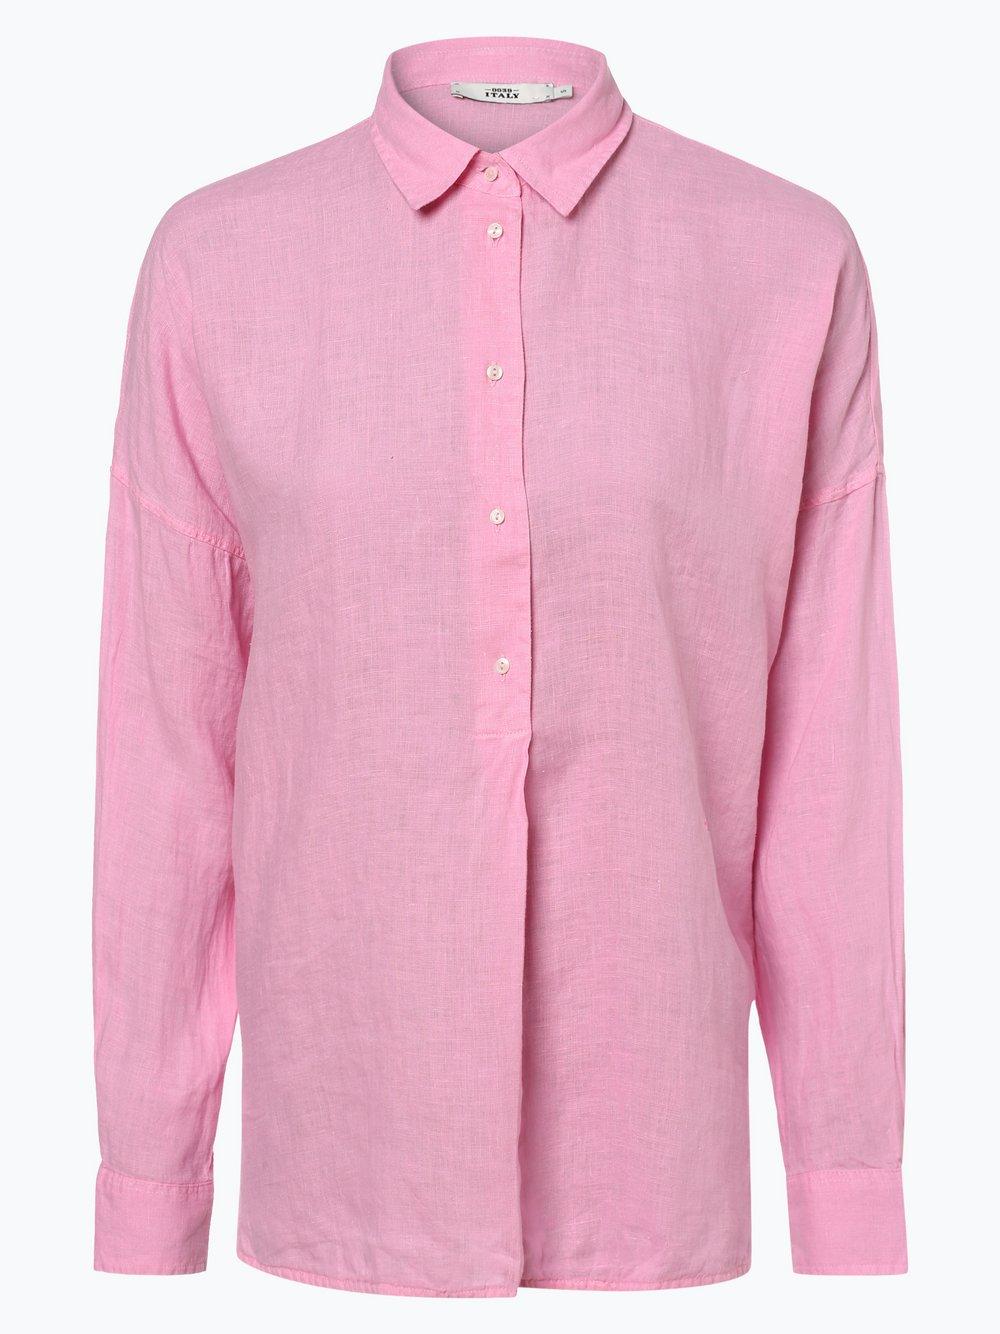 Obraz przedstawiający 0039 Italy - Damska bluzka lniana, różowy